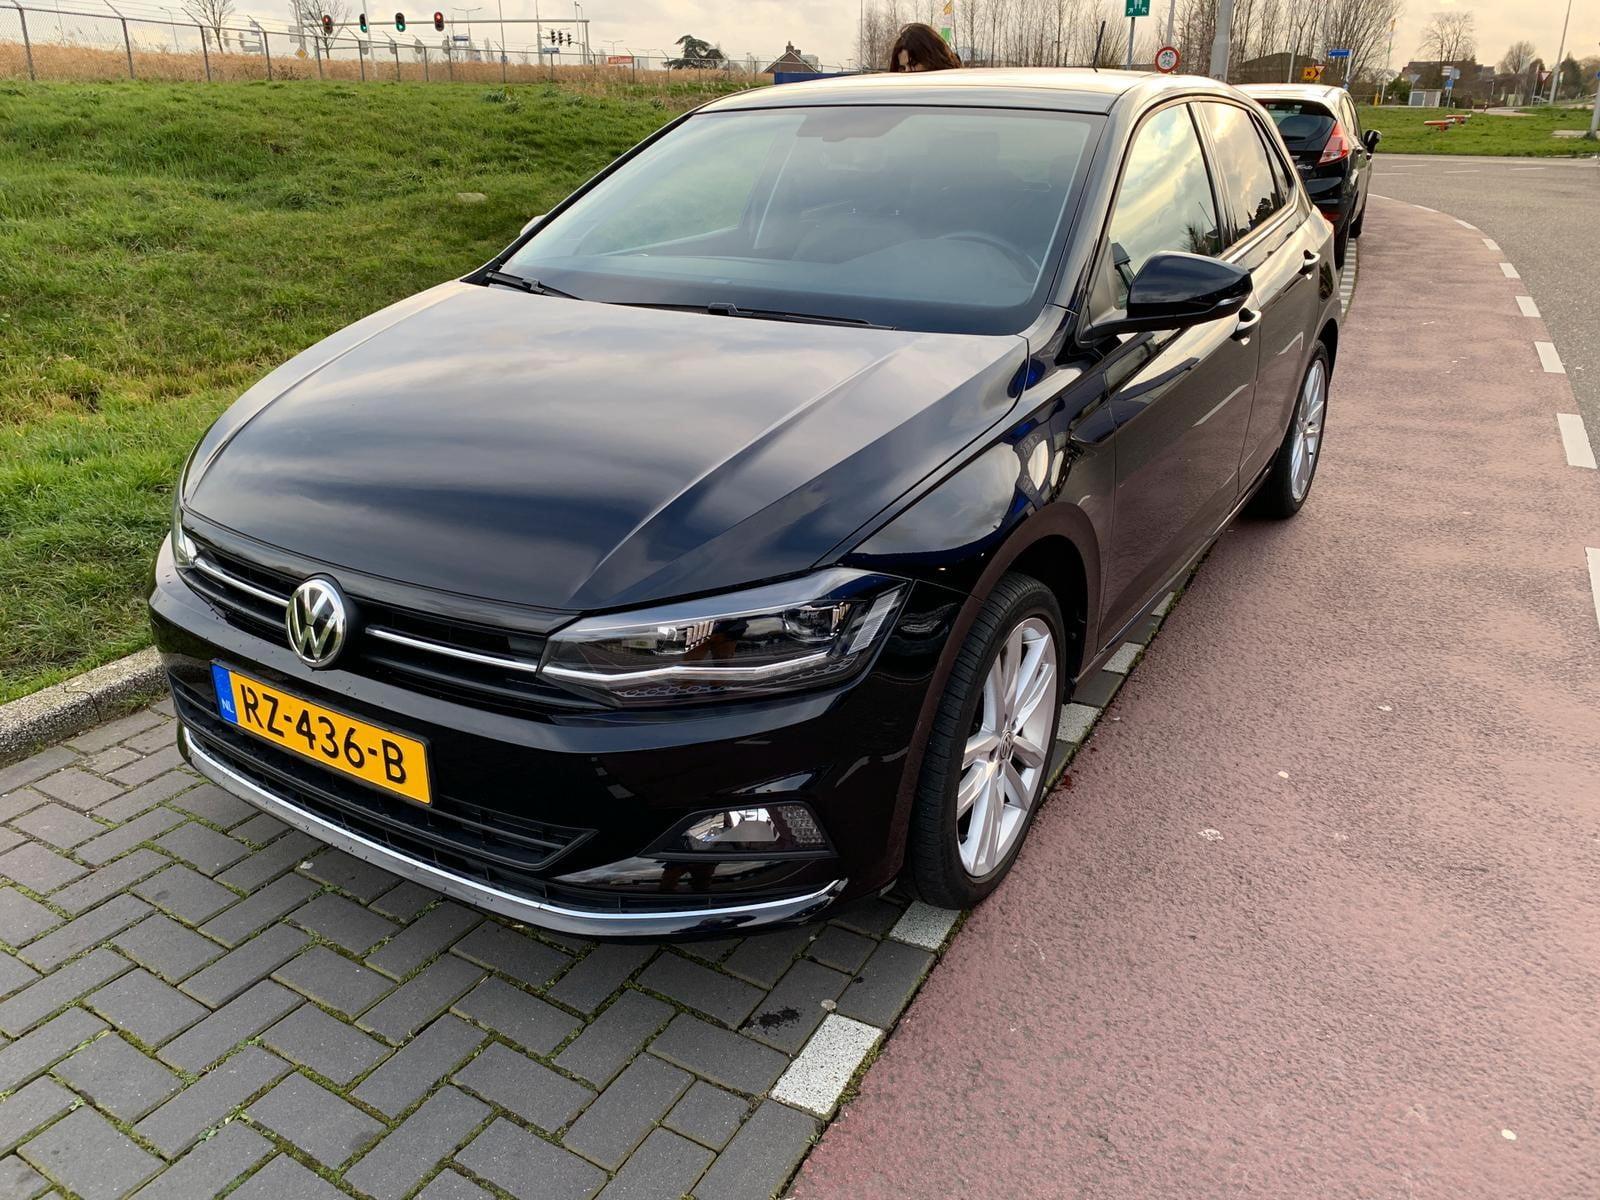 Volkswagen Polo 1.0 TSI 85kW/115pk Highline 5d. (12 maanden contract!)